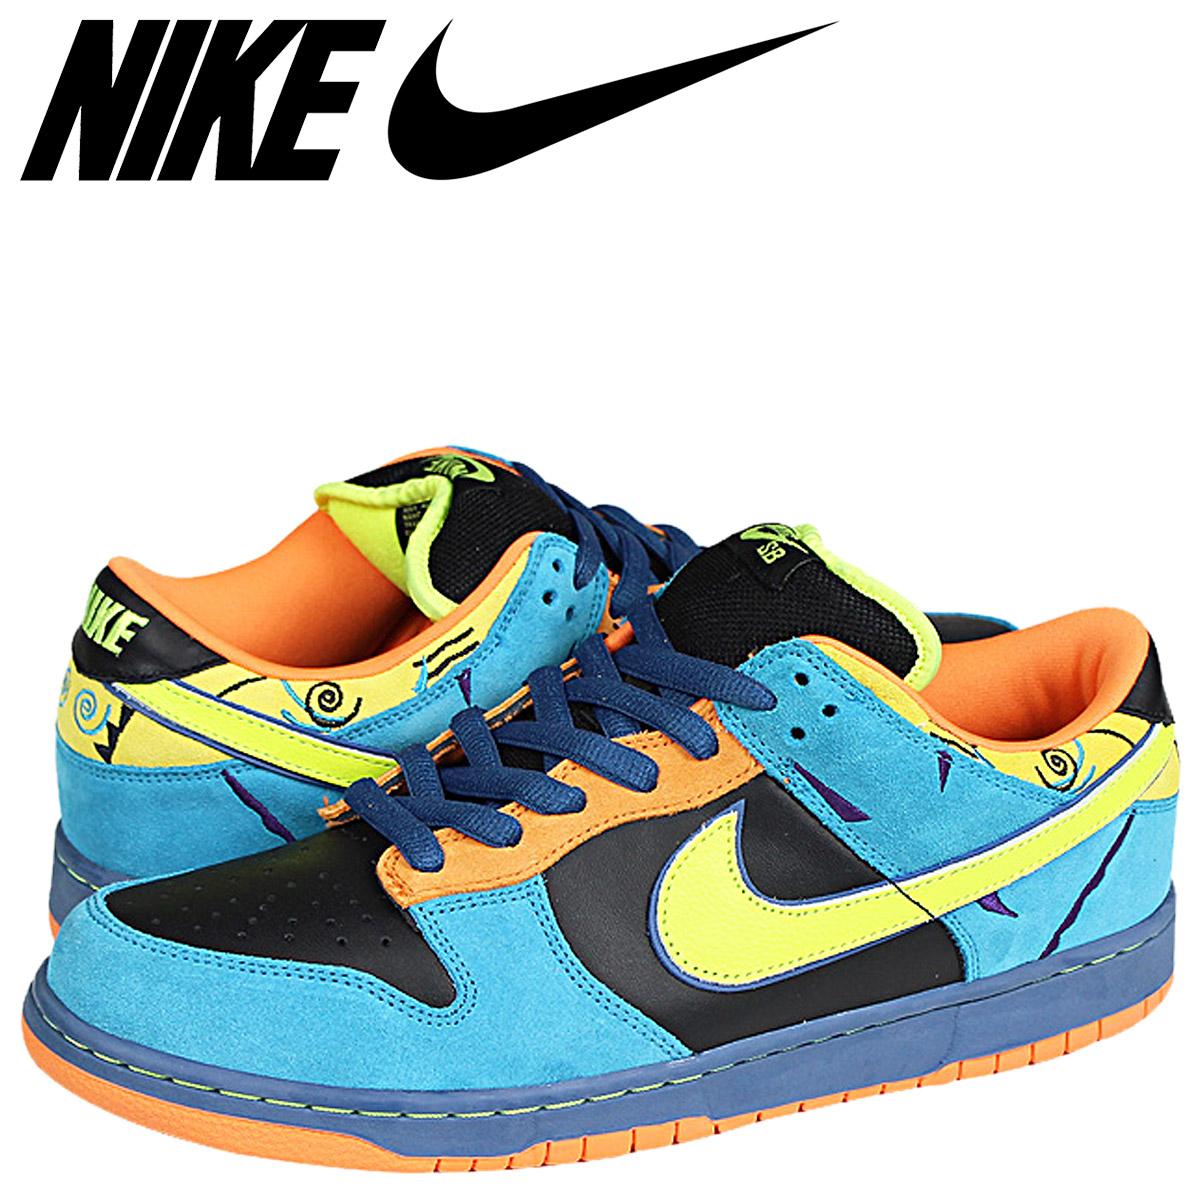 hot sale online 0788f 757fa Nike NIKE dunk SB sneakers DUNK LOW PRO SB SKATE OR DIE dunk low Pro SB ...